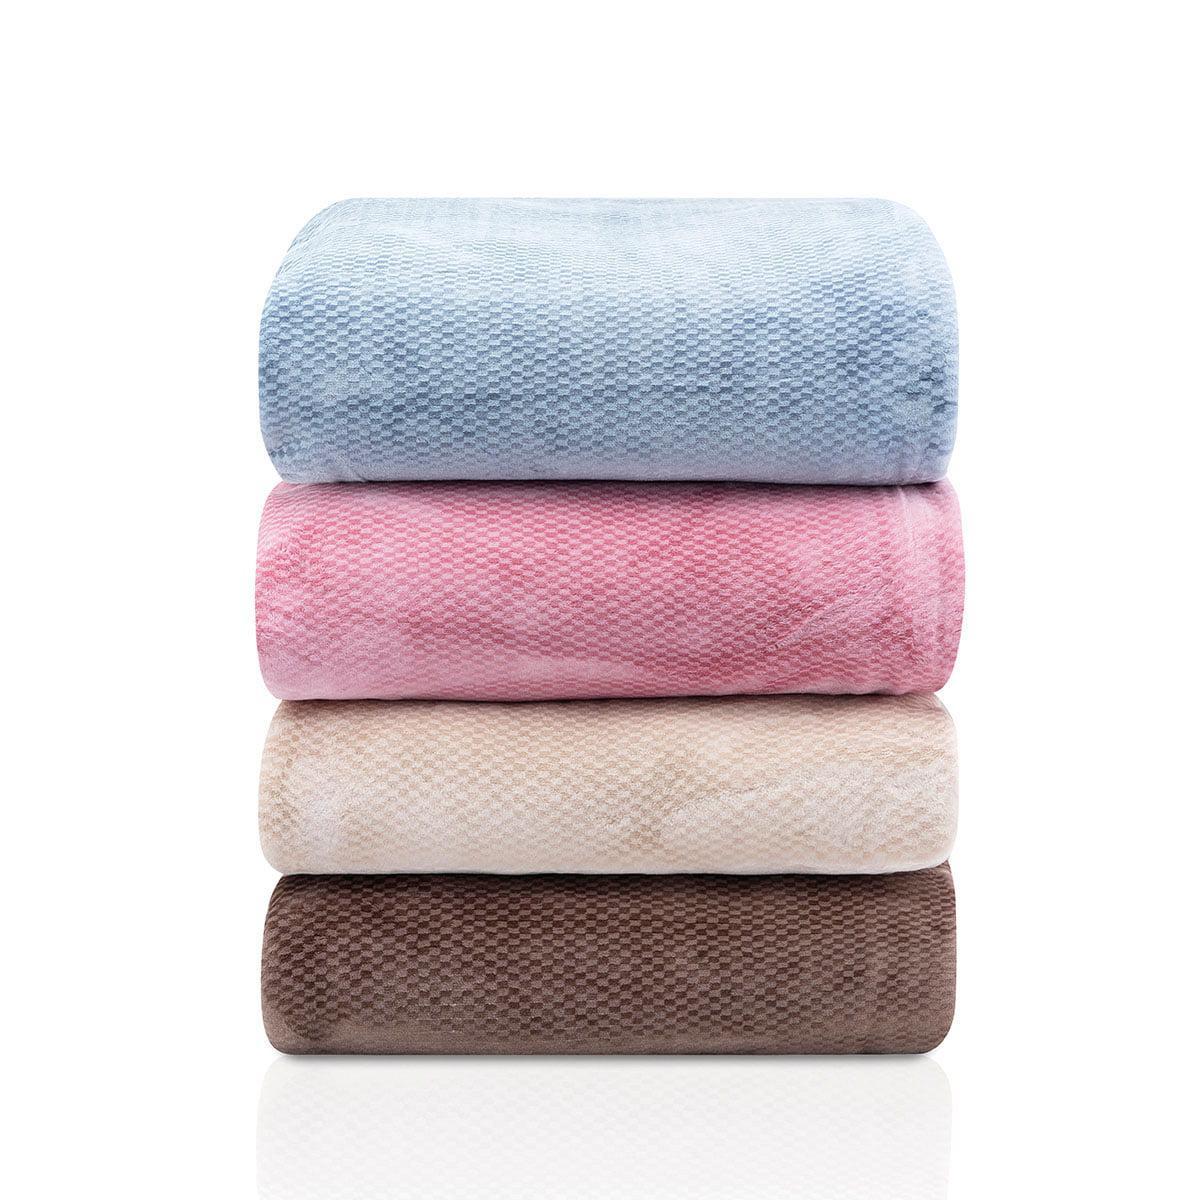 Κουβέρτα μονόχρωμη υπέρδιπλη Art 1060 σε 4 αποχρώσεις 220×240 Amethyst Beauty Home